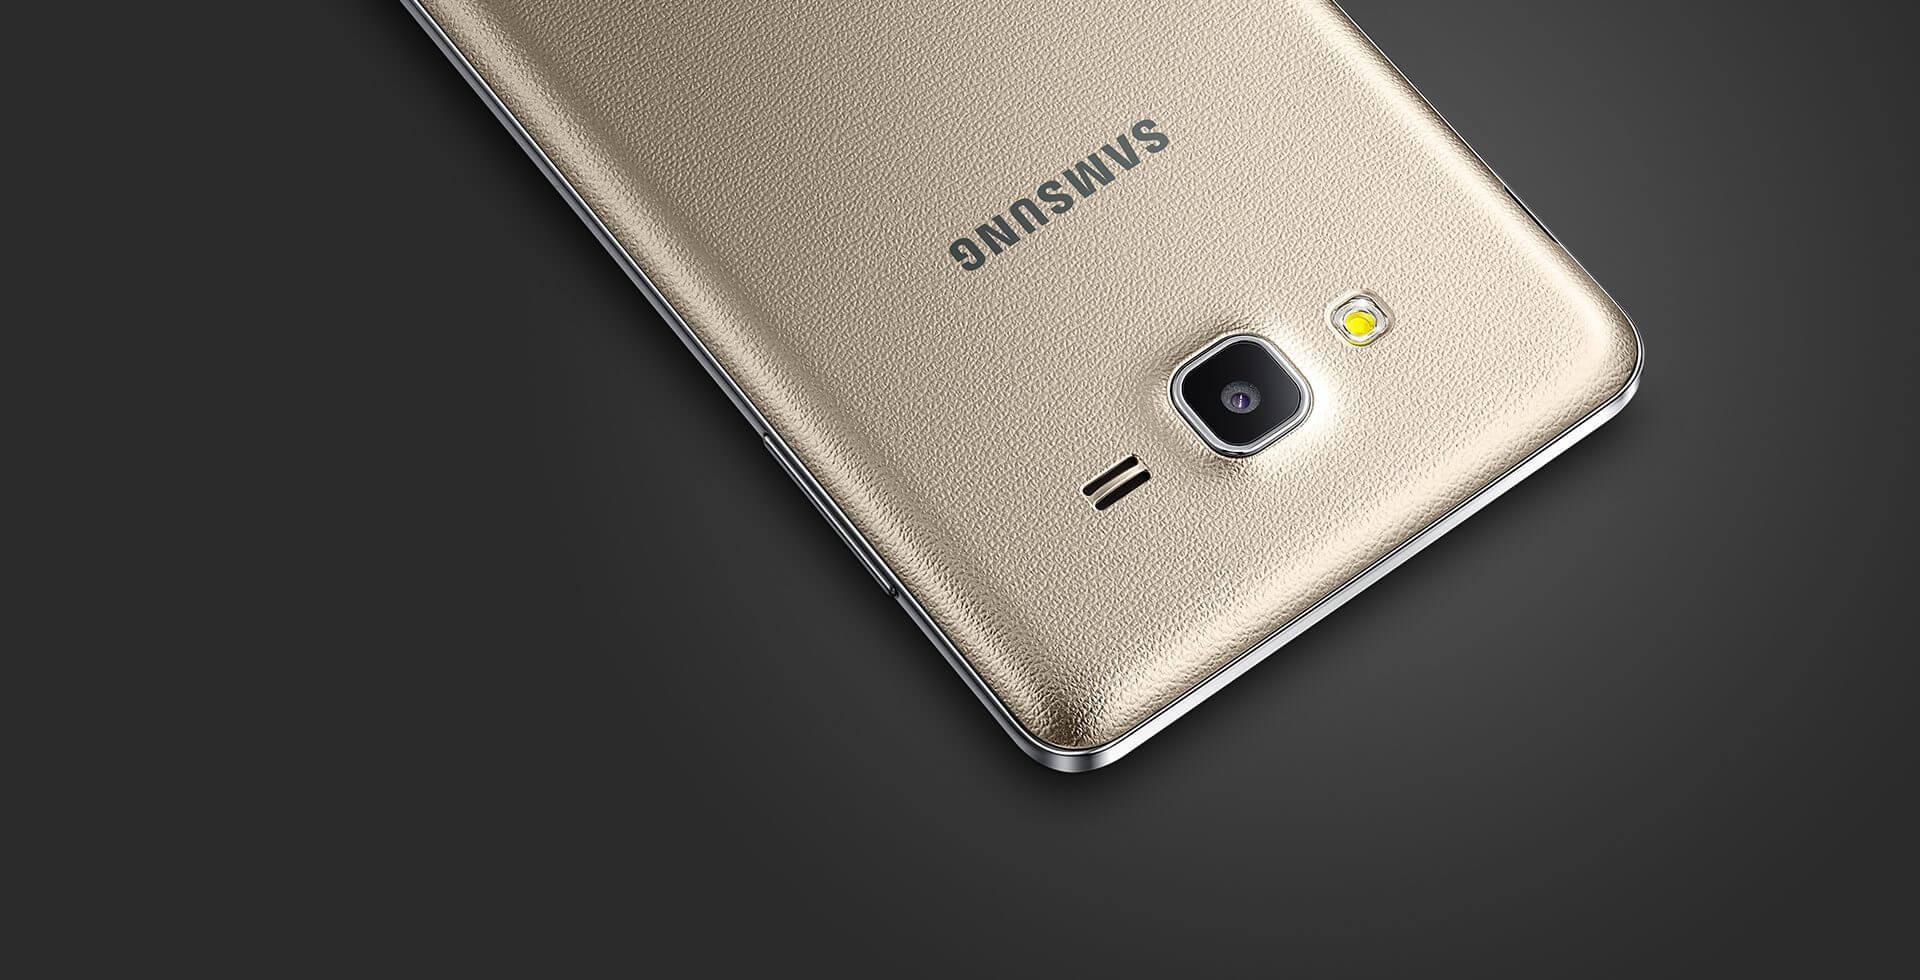 Aquecendo a briga: De olho no mercado intermediário, Samsung lança Galaxy On7